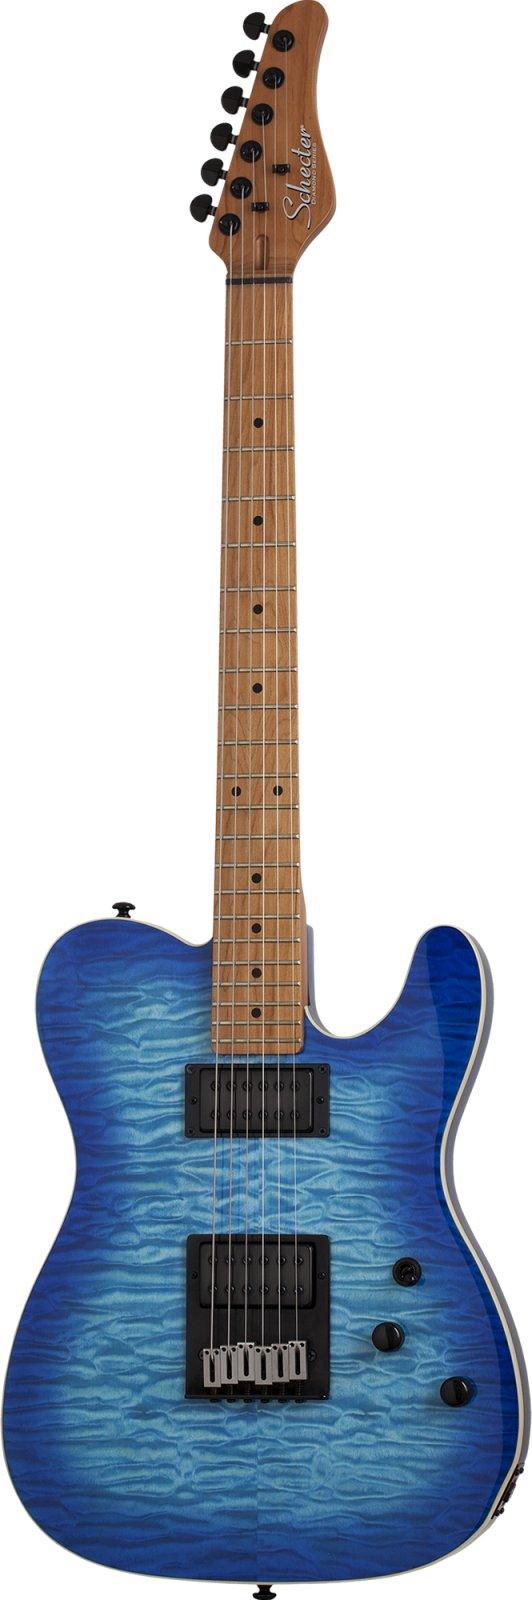 Schecter PT Pro Electric Guitar - Trans Blue Burst